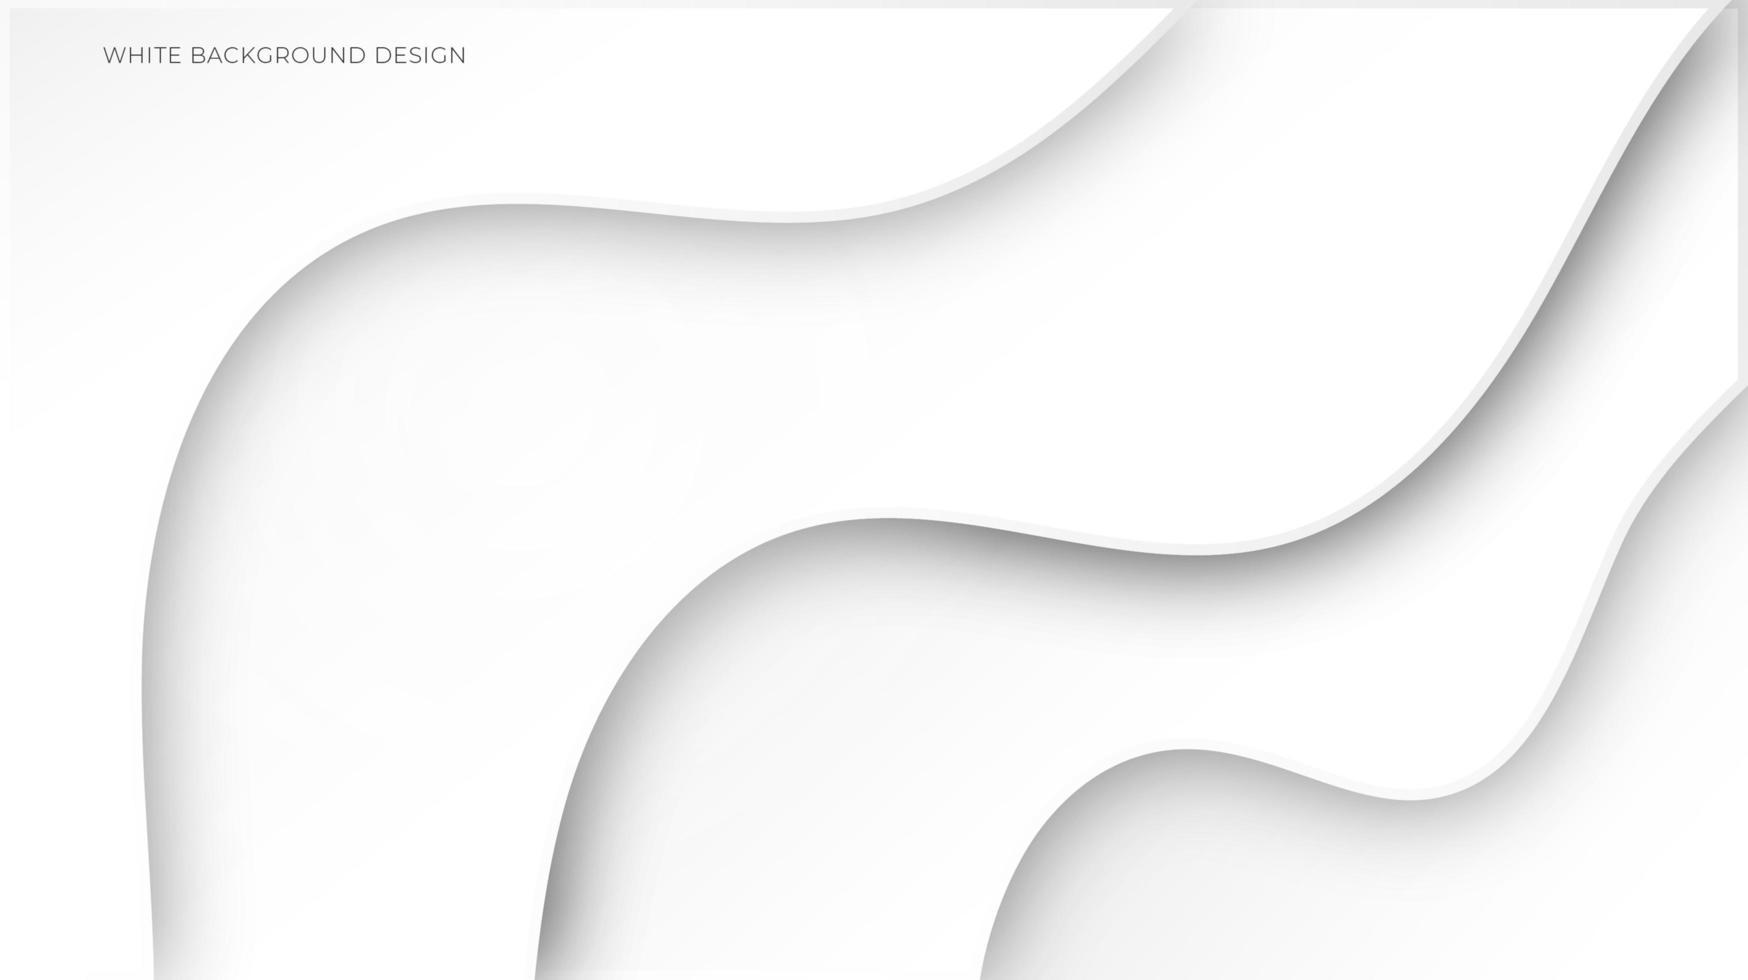 Fondo de forma curva abstracta blanca vector